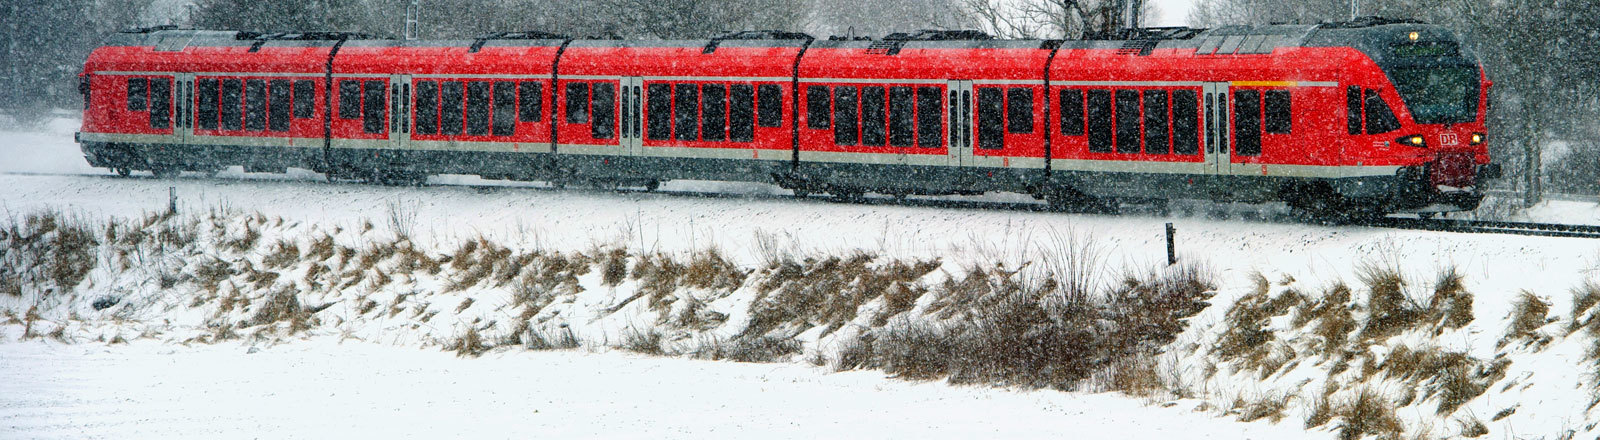 Ein Regionalexpress auf fährt in einer verschneiten Landschaft